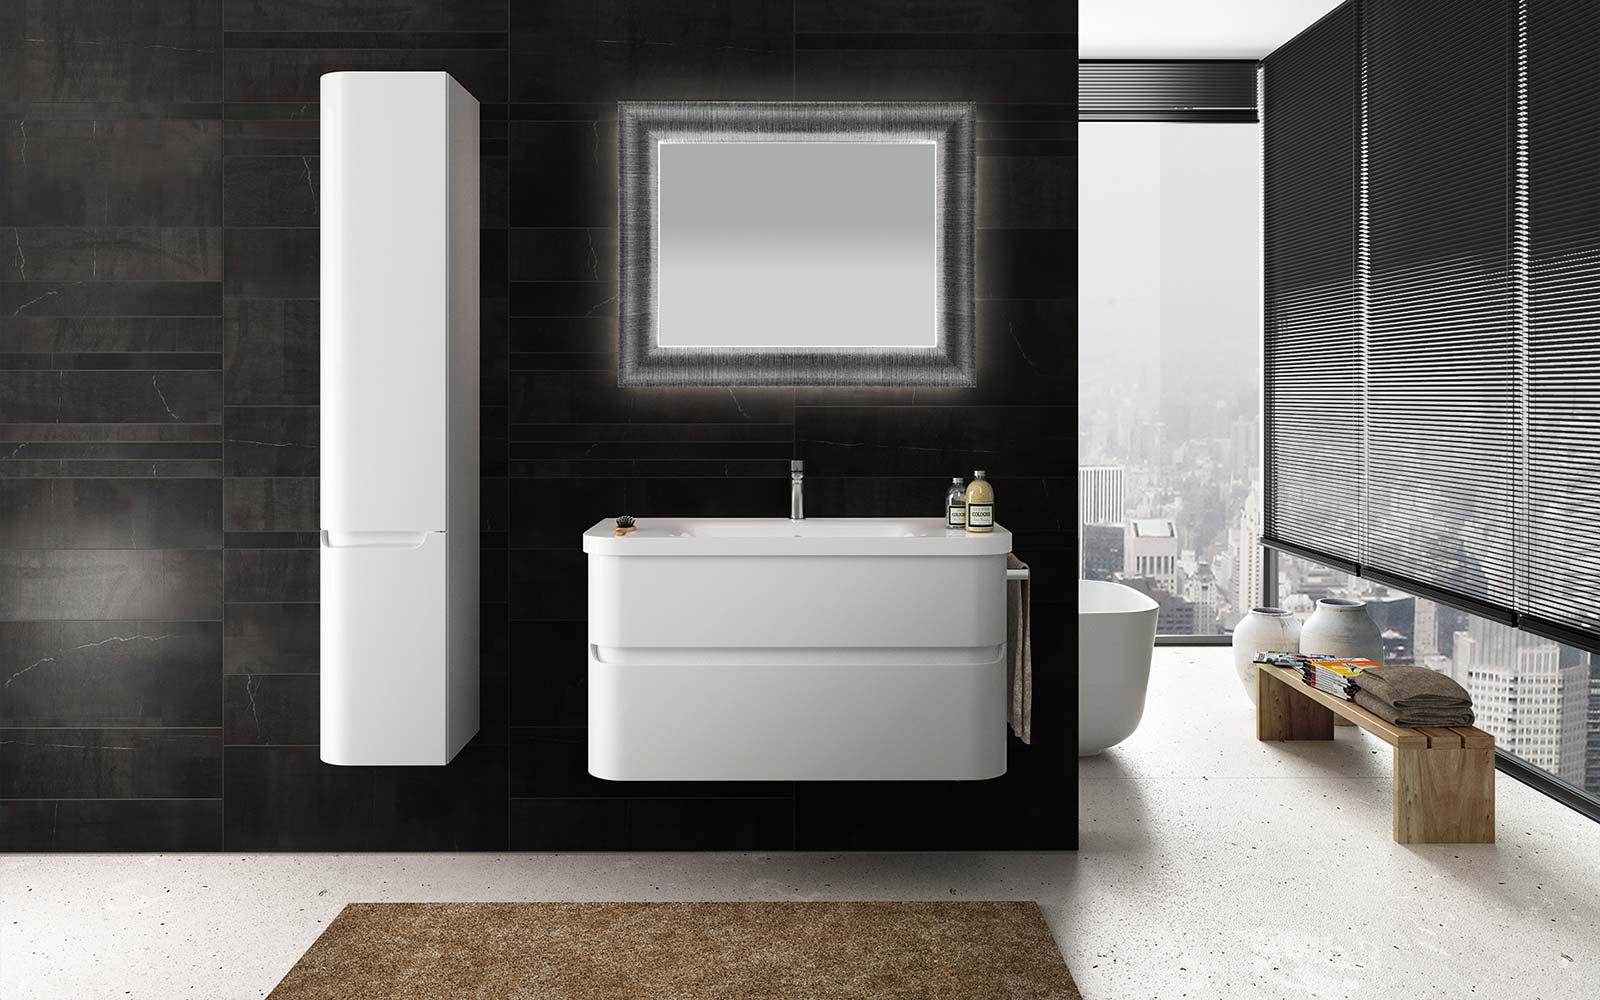 Bagno componibile berloni una scelta di stile bagnolandia for Mobili da bagno moderni prezzi